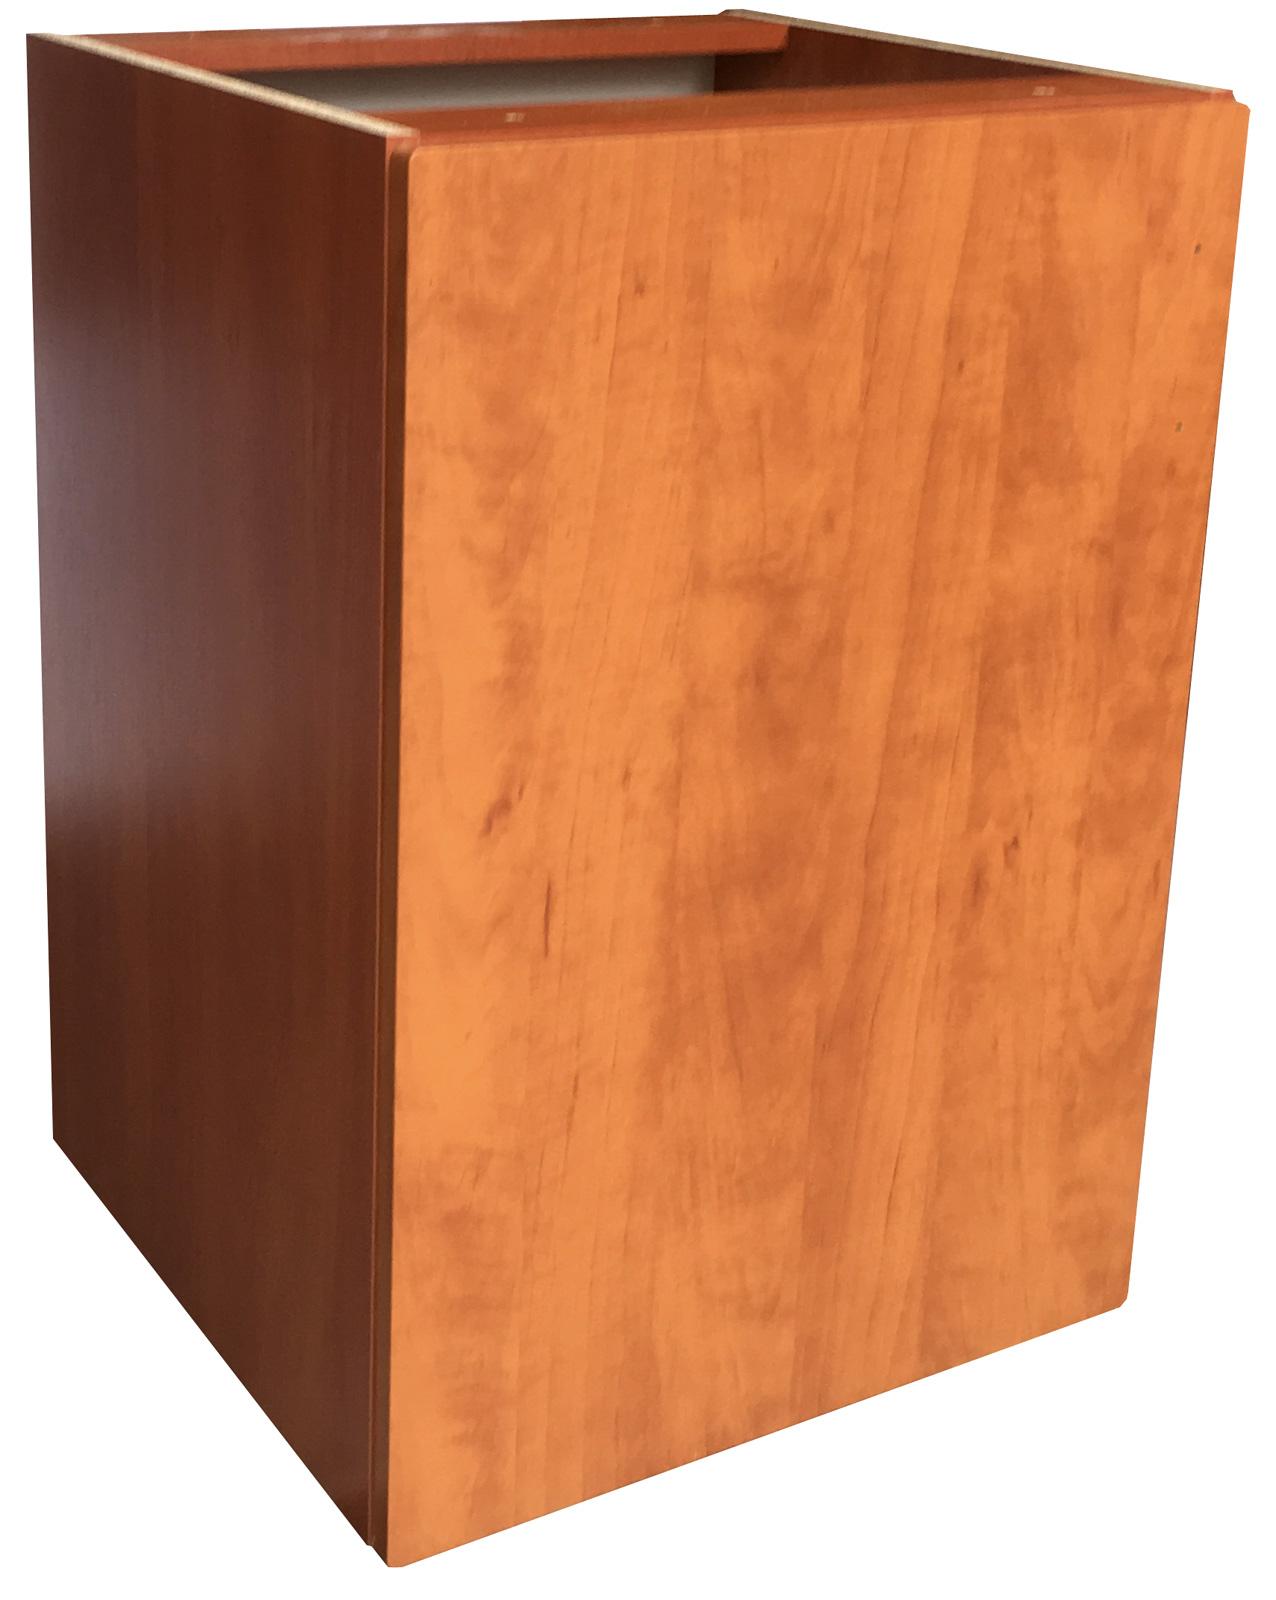 Spodní kuchyňská skříňka Diana 50 cm - výprodej